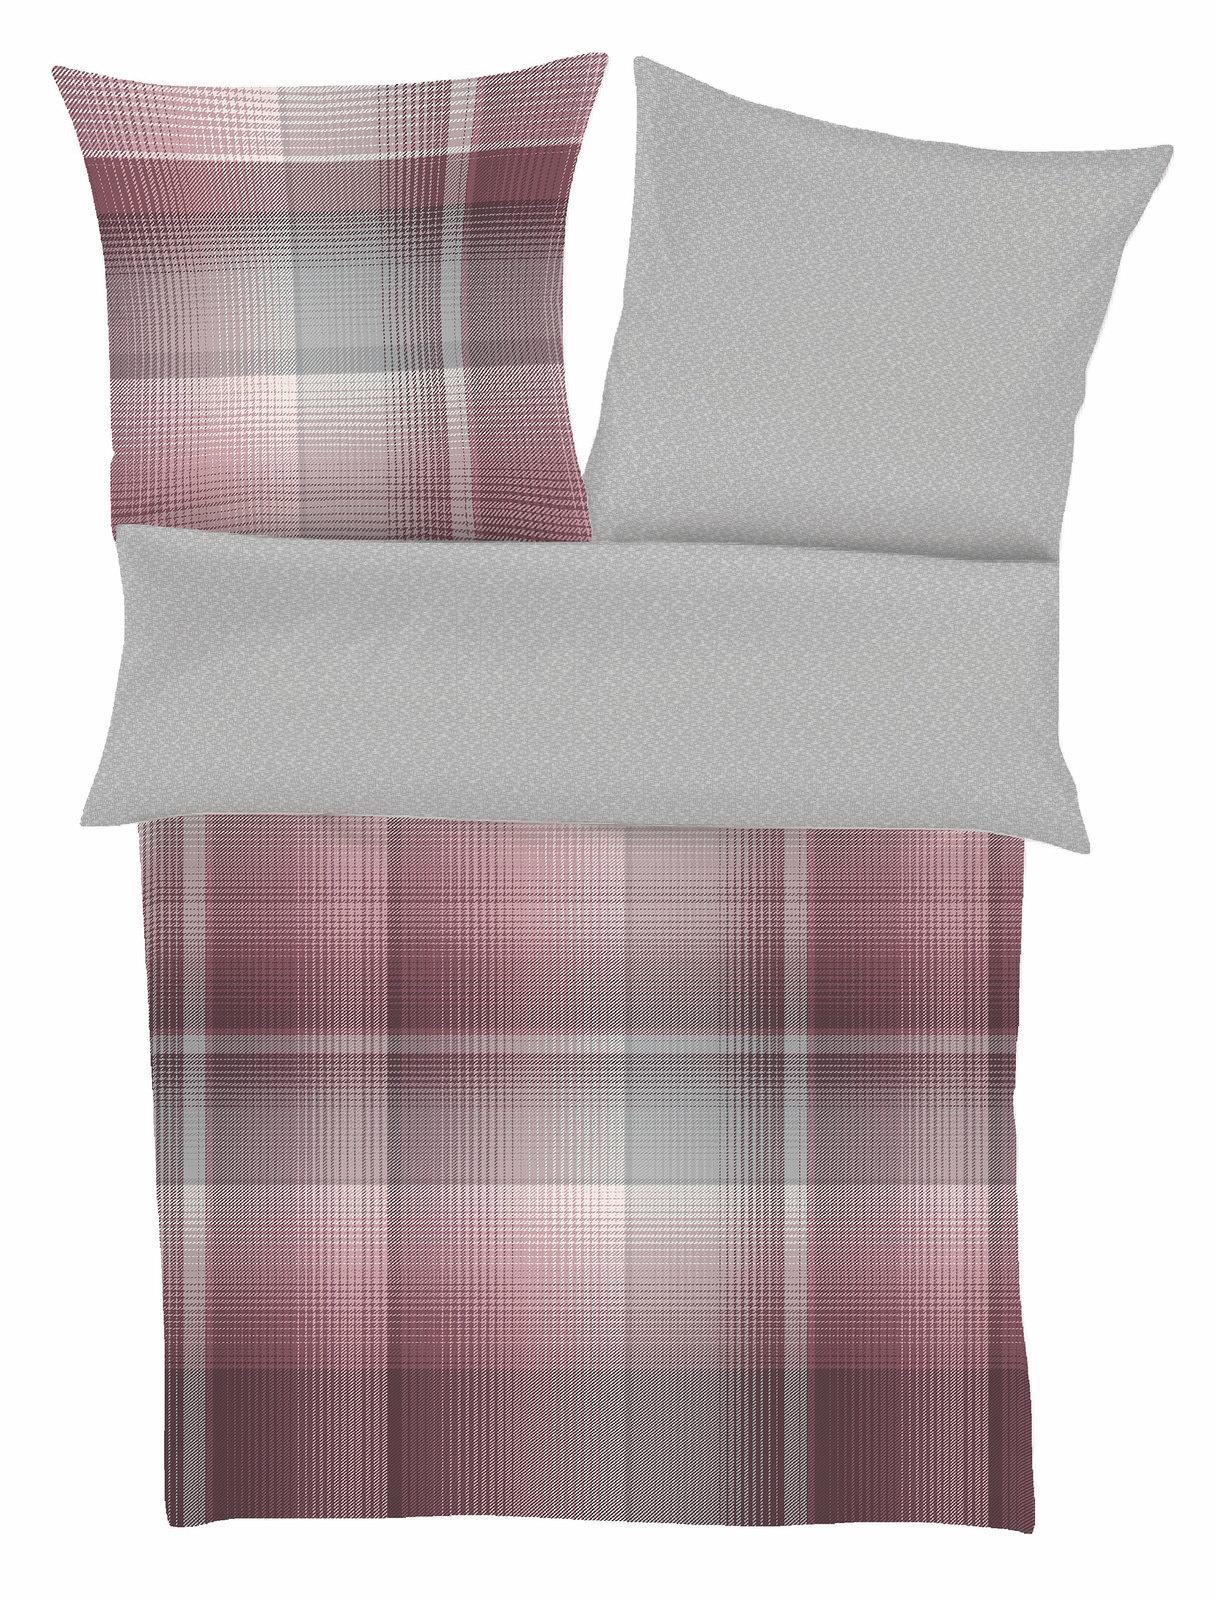 s oliver s oliver flanell bettw sche online entdecken knuffmann ihr m belhaus. Black Bedroom Furniture Sets. Home Design Ideas